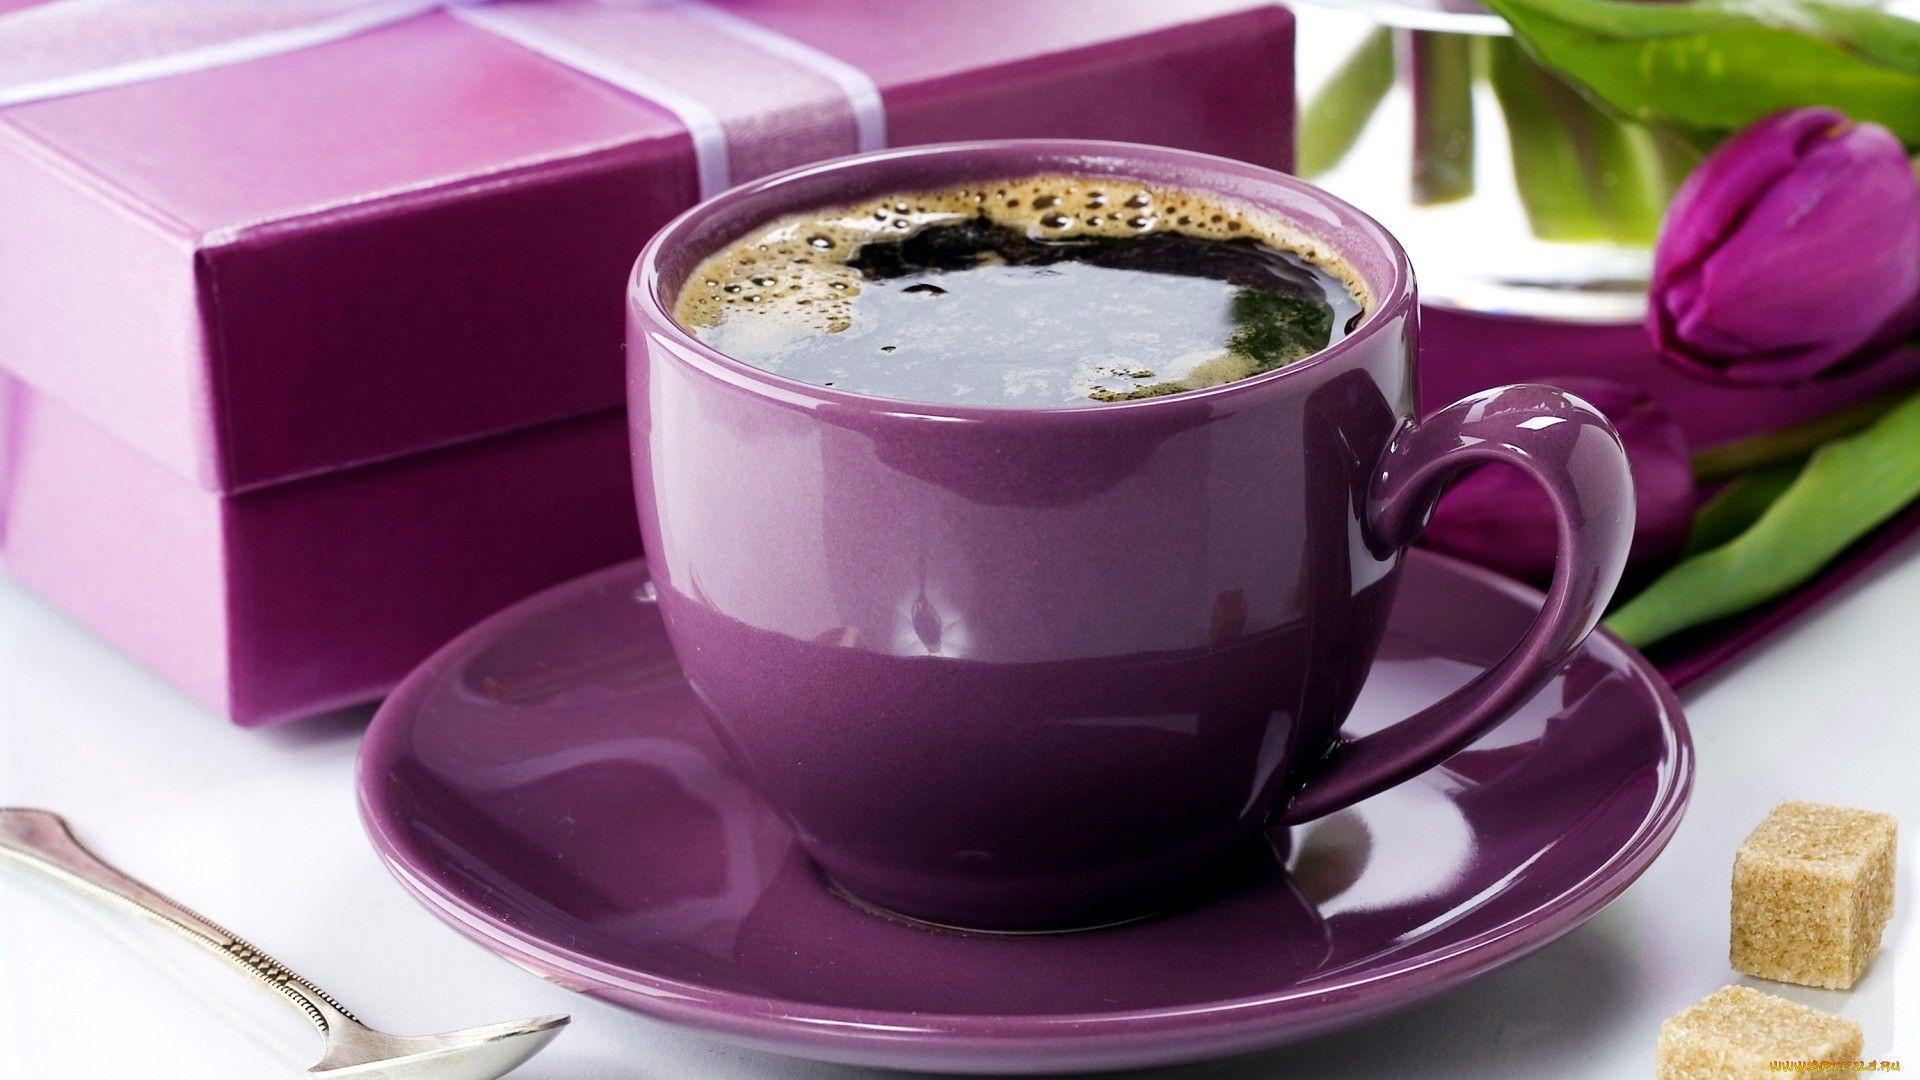 чашка кофе в подарок картинка отказался из-за